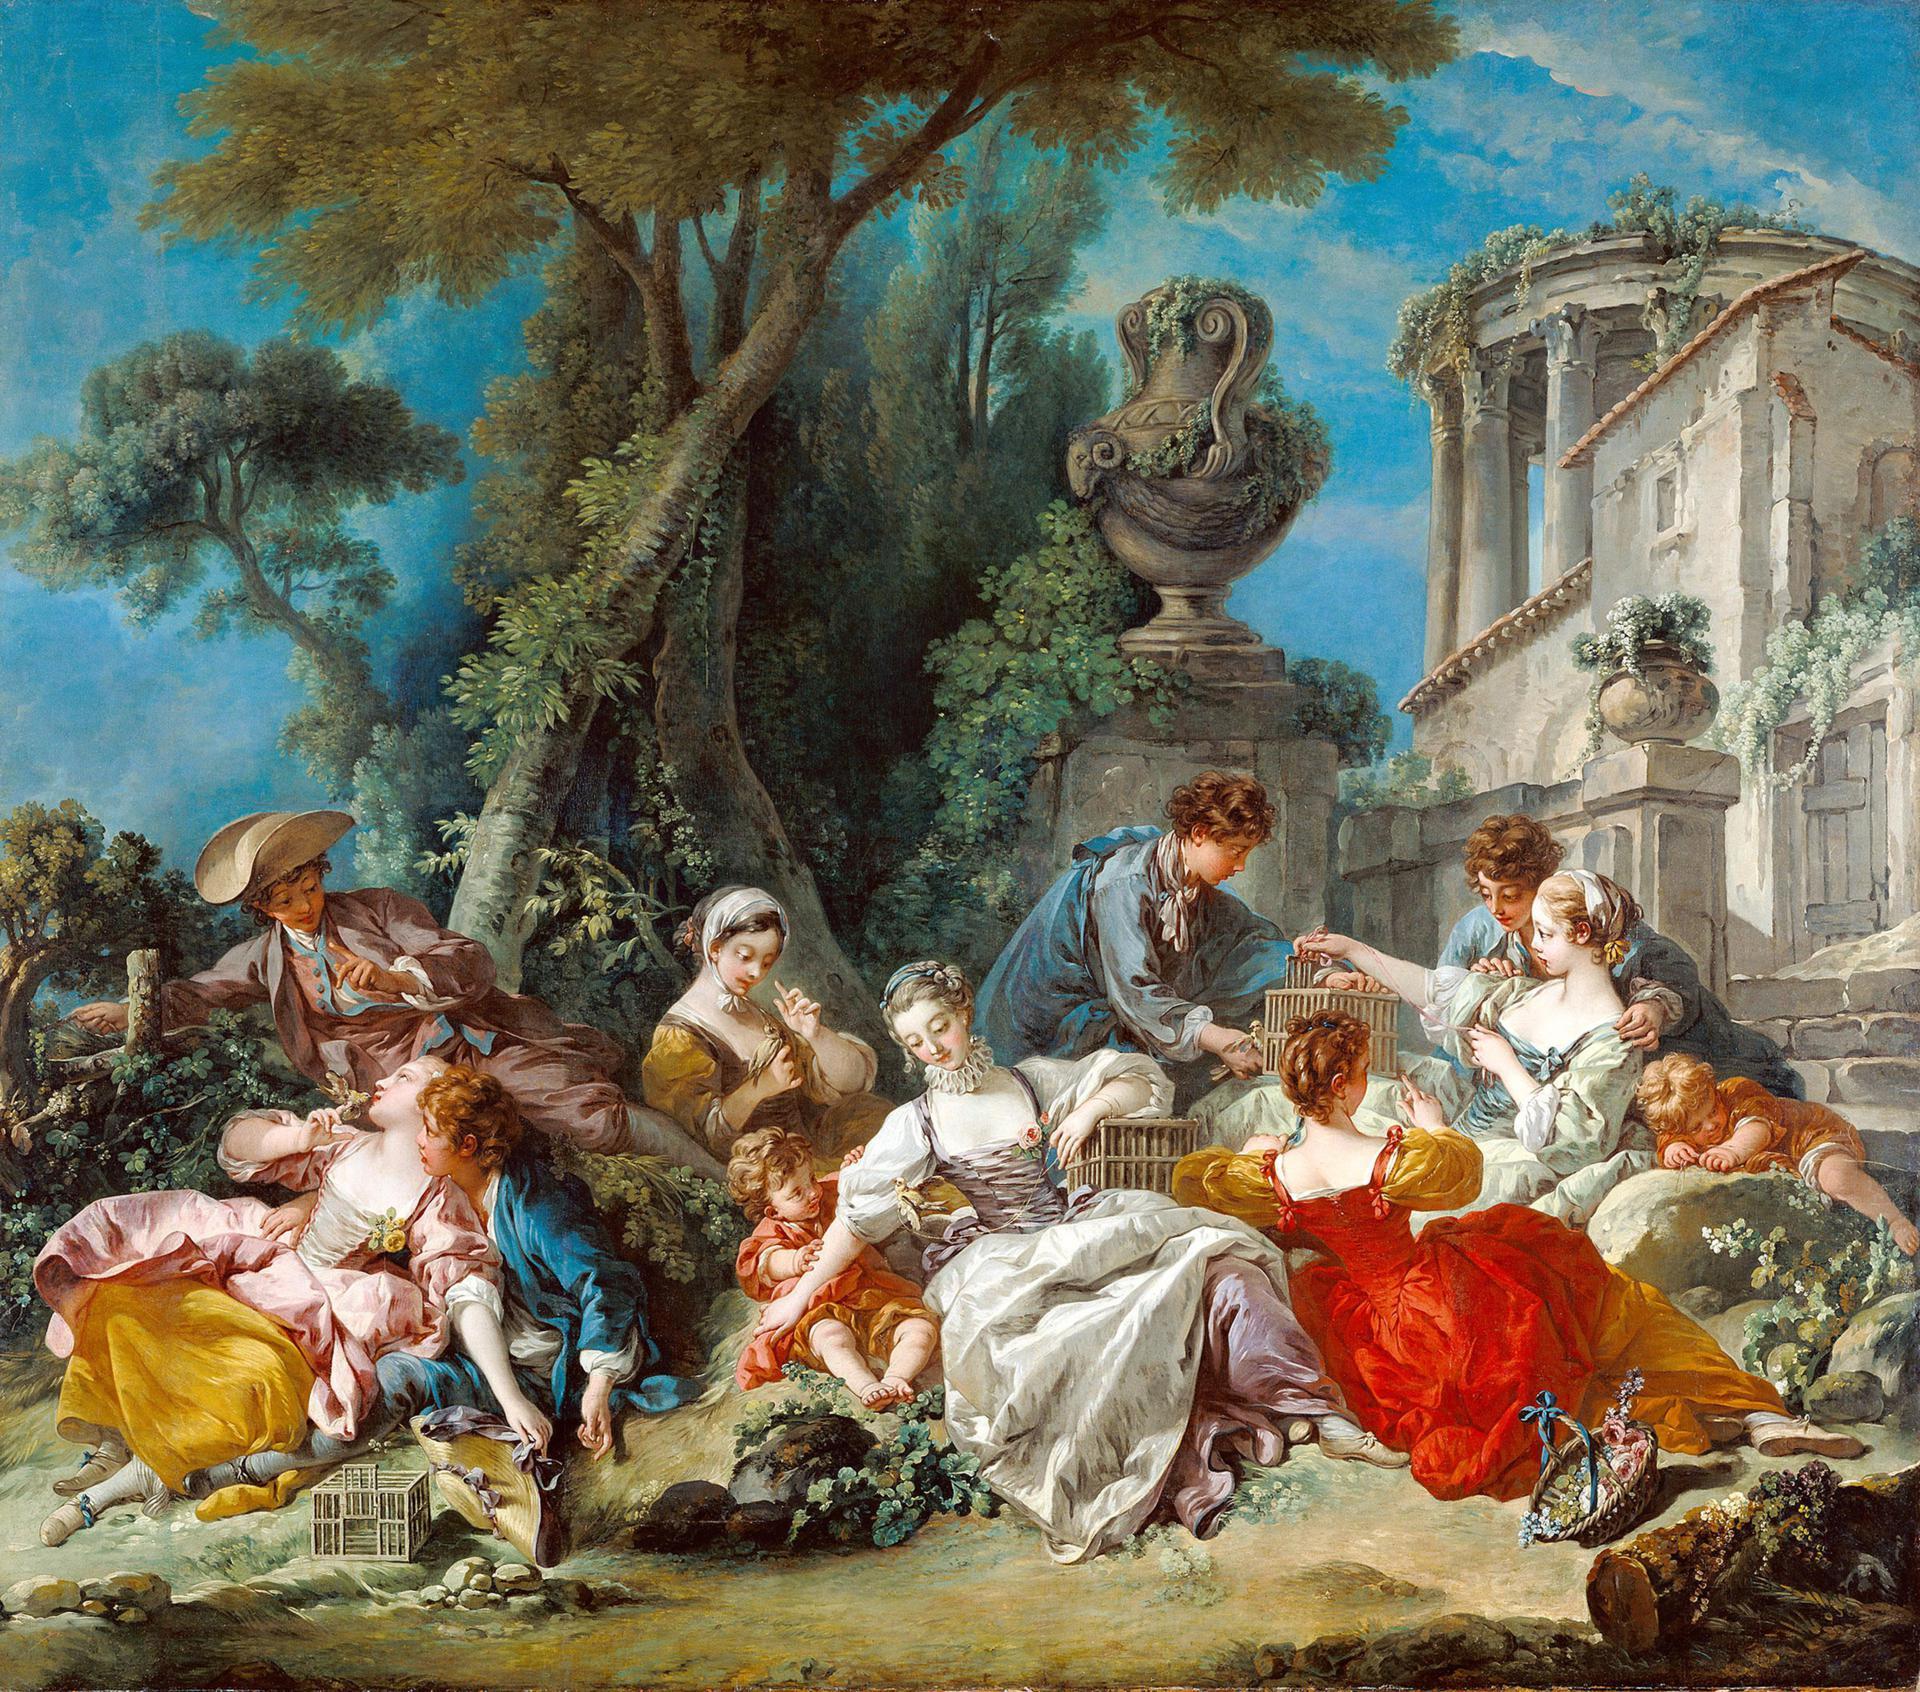 [油画高清大图]0043_布歇_布歇绘画作品集-f-boucher-np (42)_2500